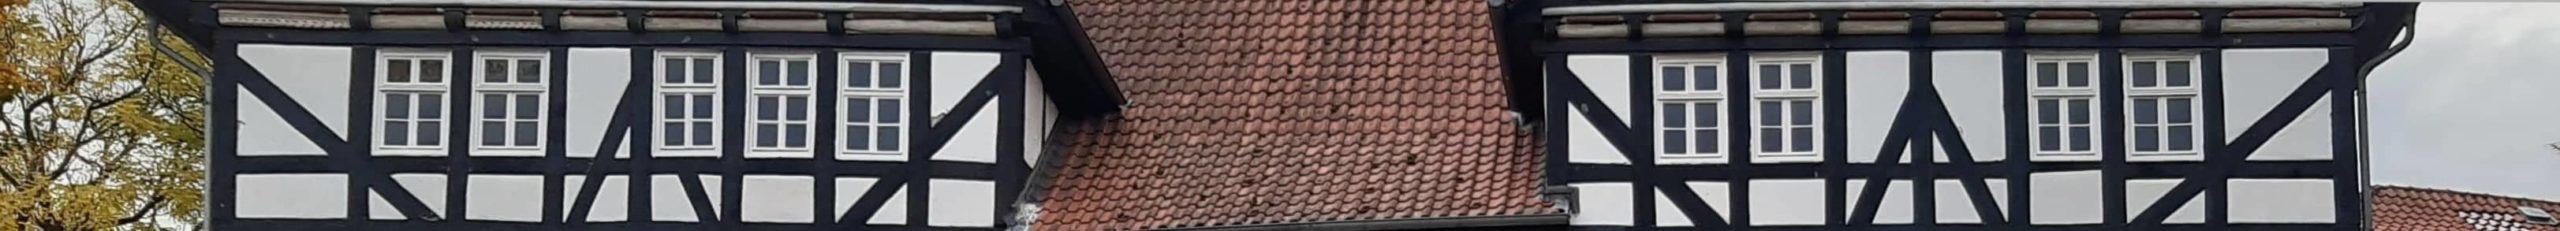 Holzfenster & Holztüren im Denkmalschutz